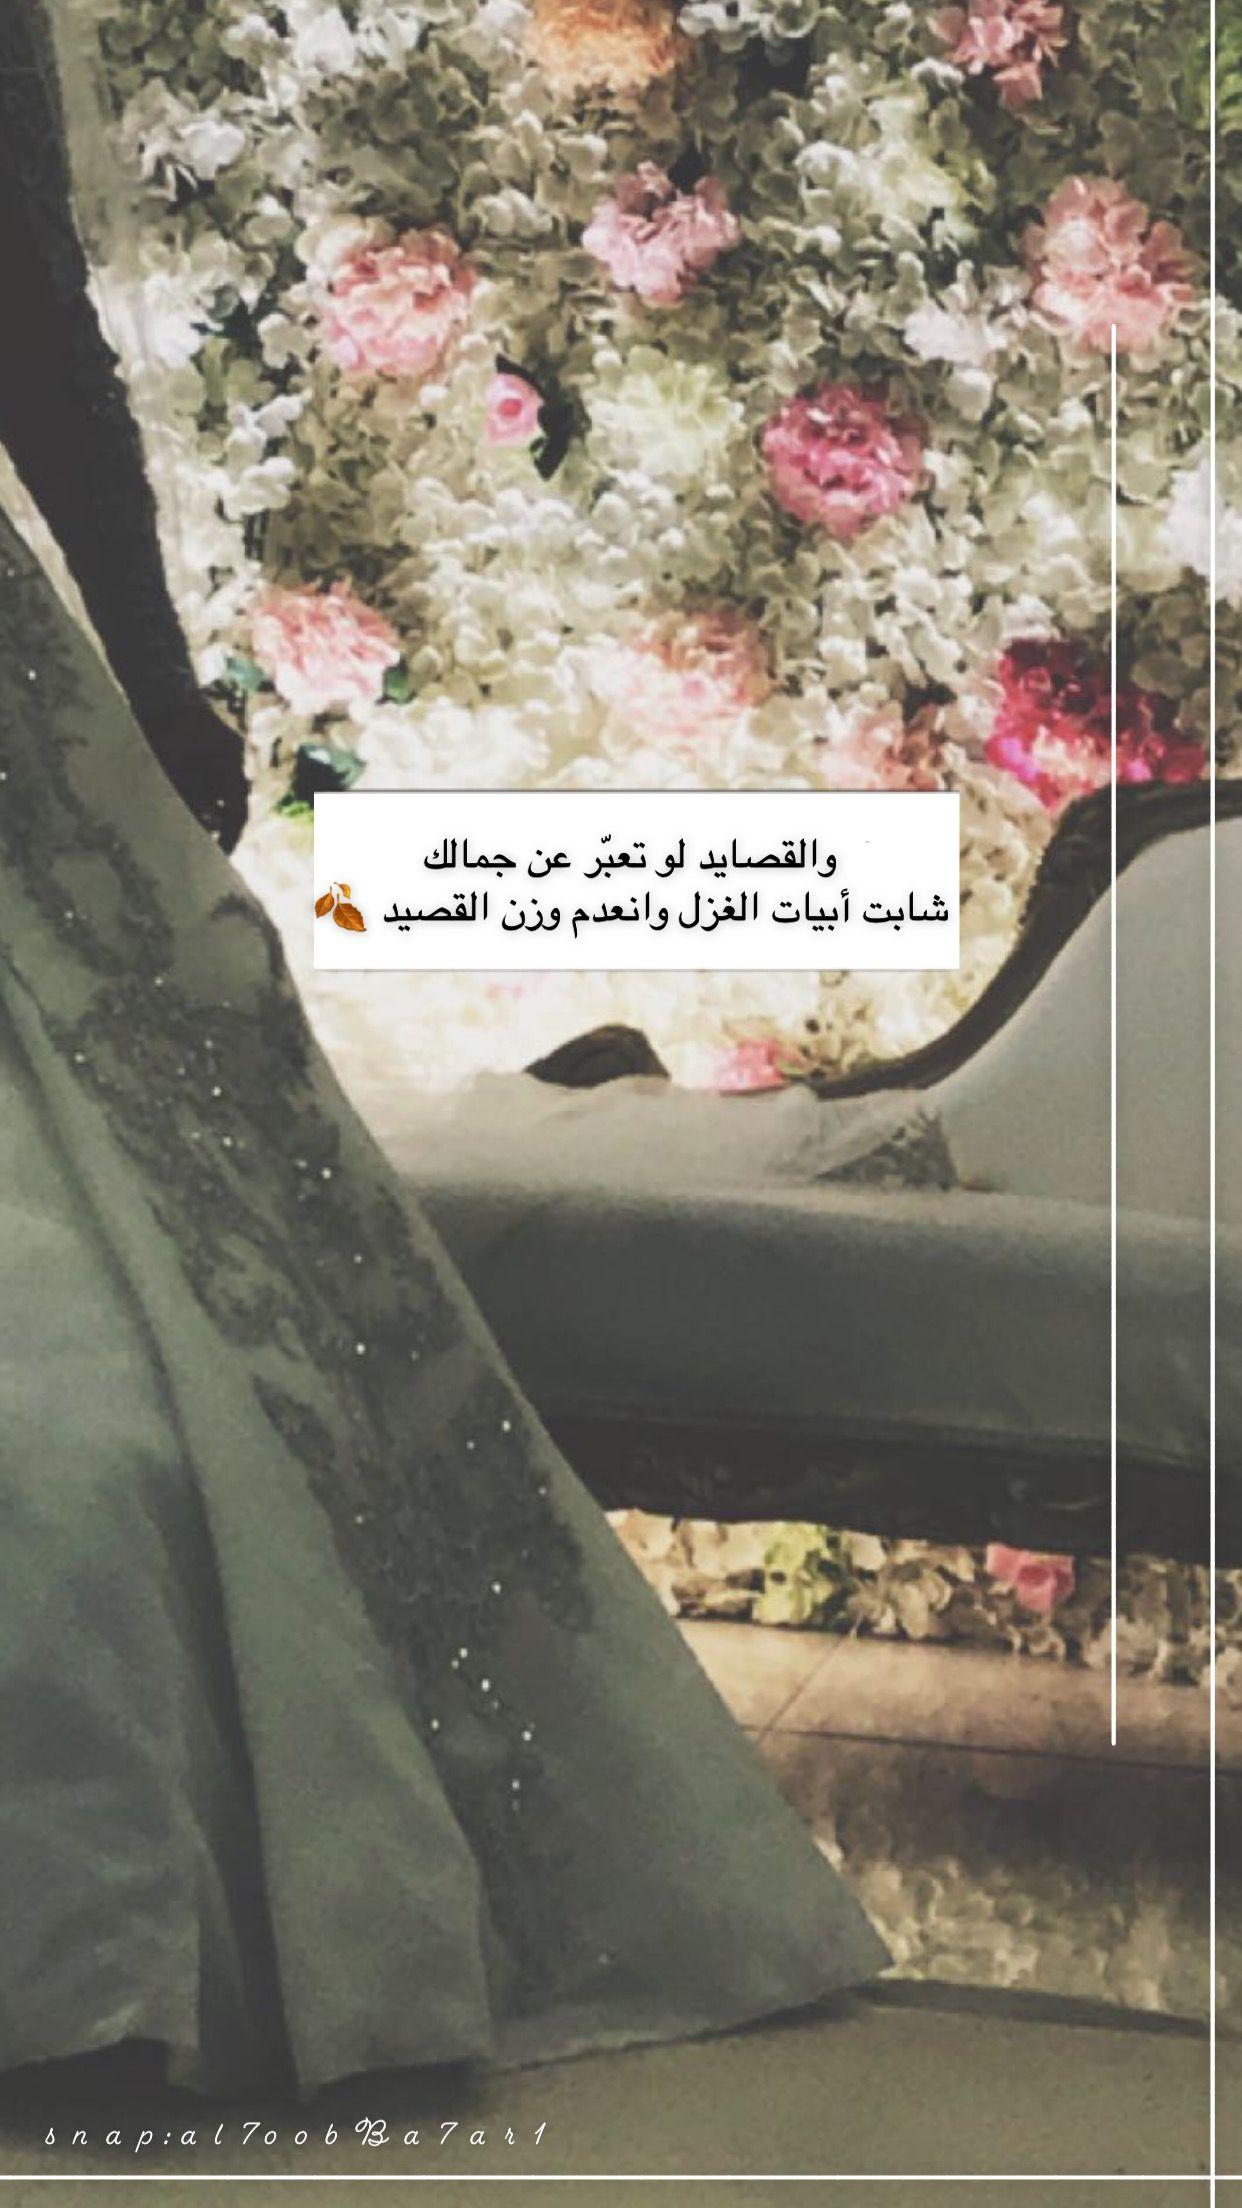 همسة والقصايد لو تعب ر عن جمالك شابت أبيات الغزل وانعدم وزن القصيد تص Iphone Wallpaper Quotes Love Love Quotes Wallpaper Beautiful Quran Quotes